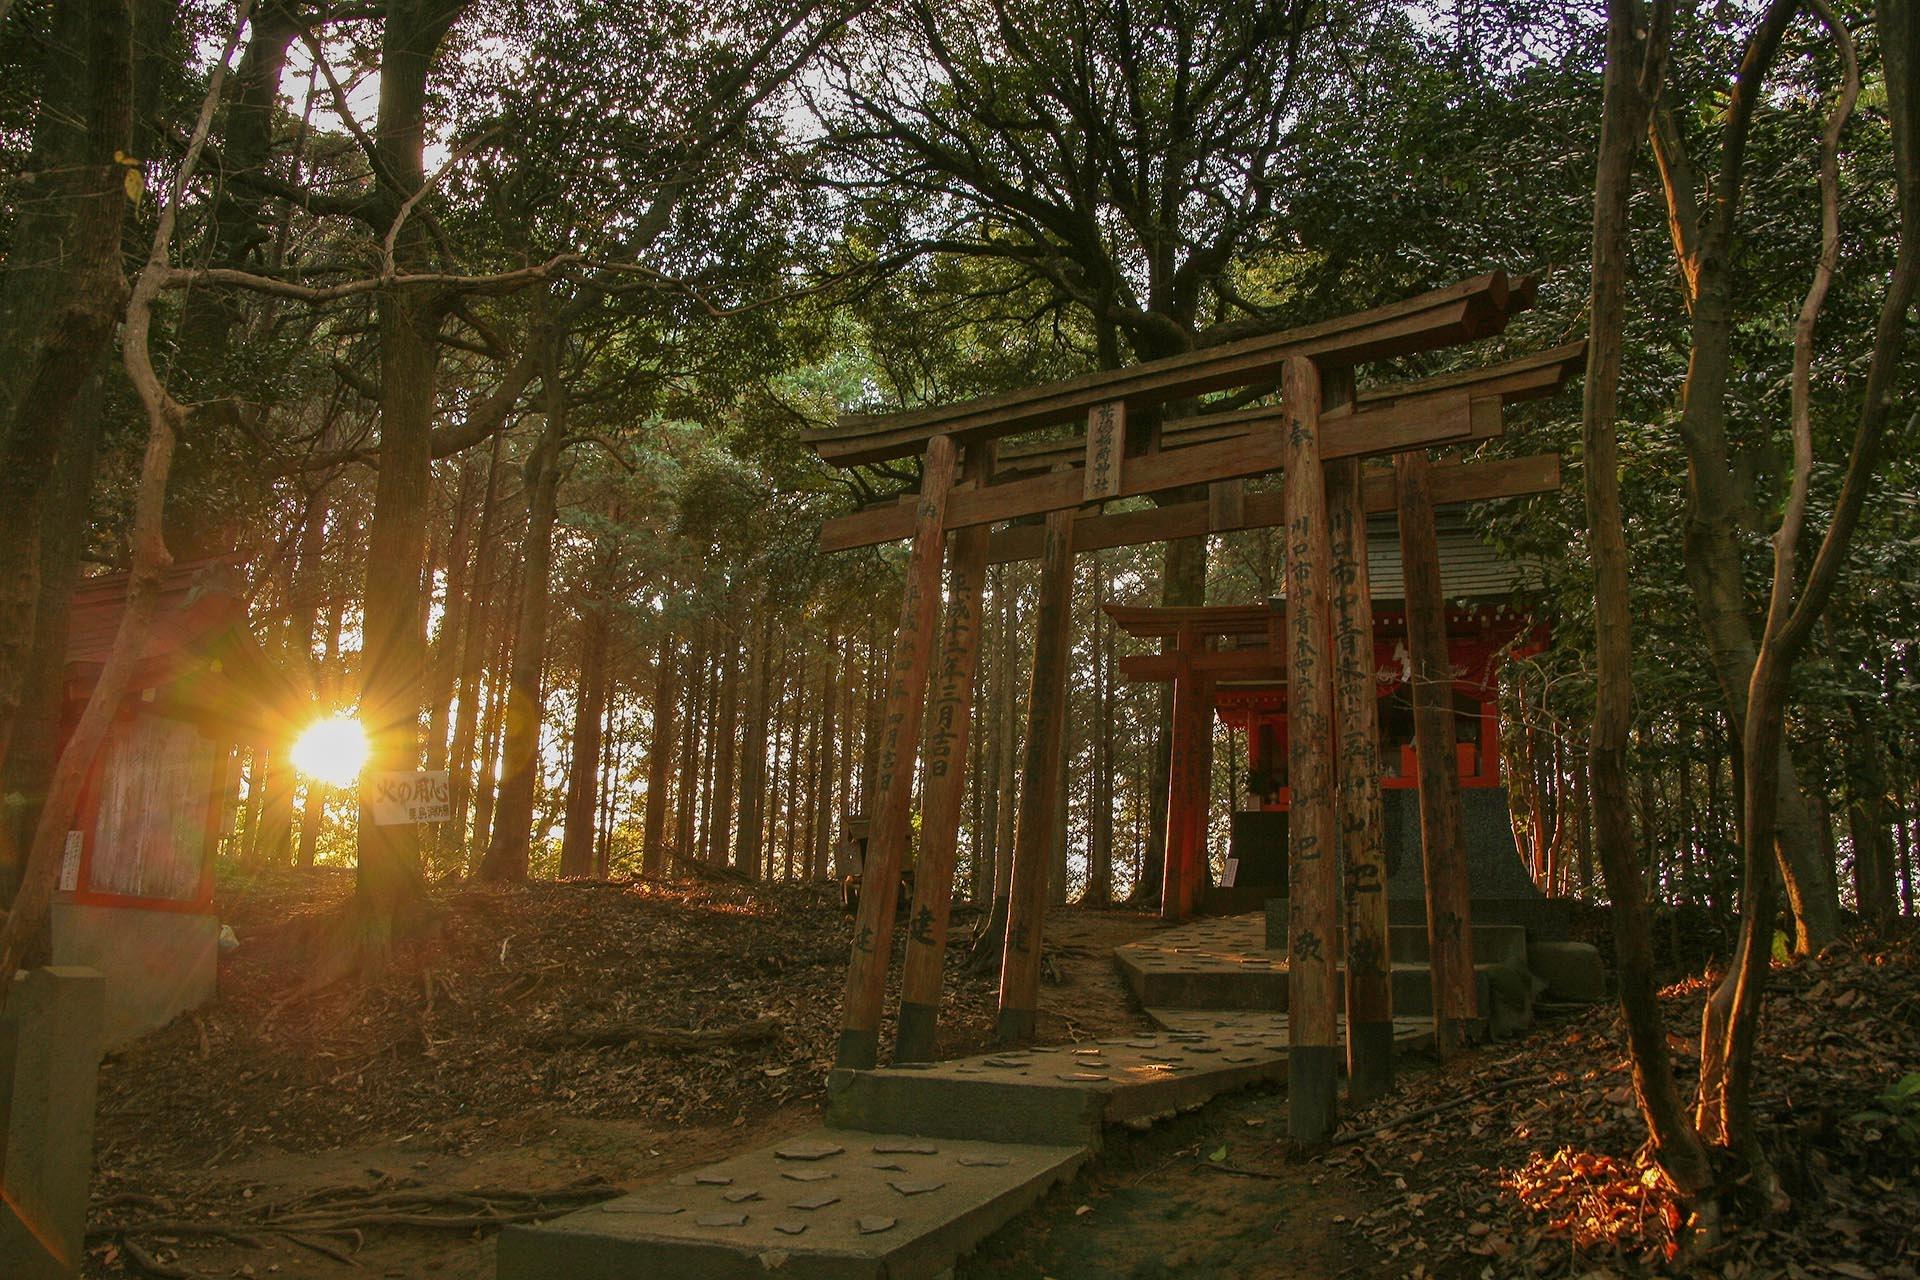 夕陽と祐徳稲荷神社奥の院 佐賀の風景